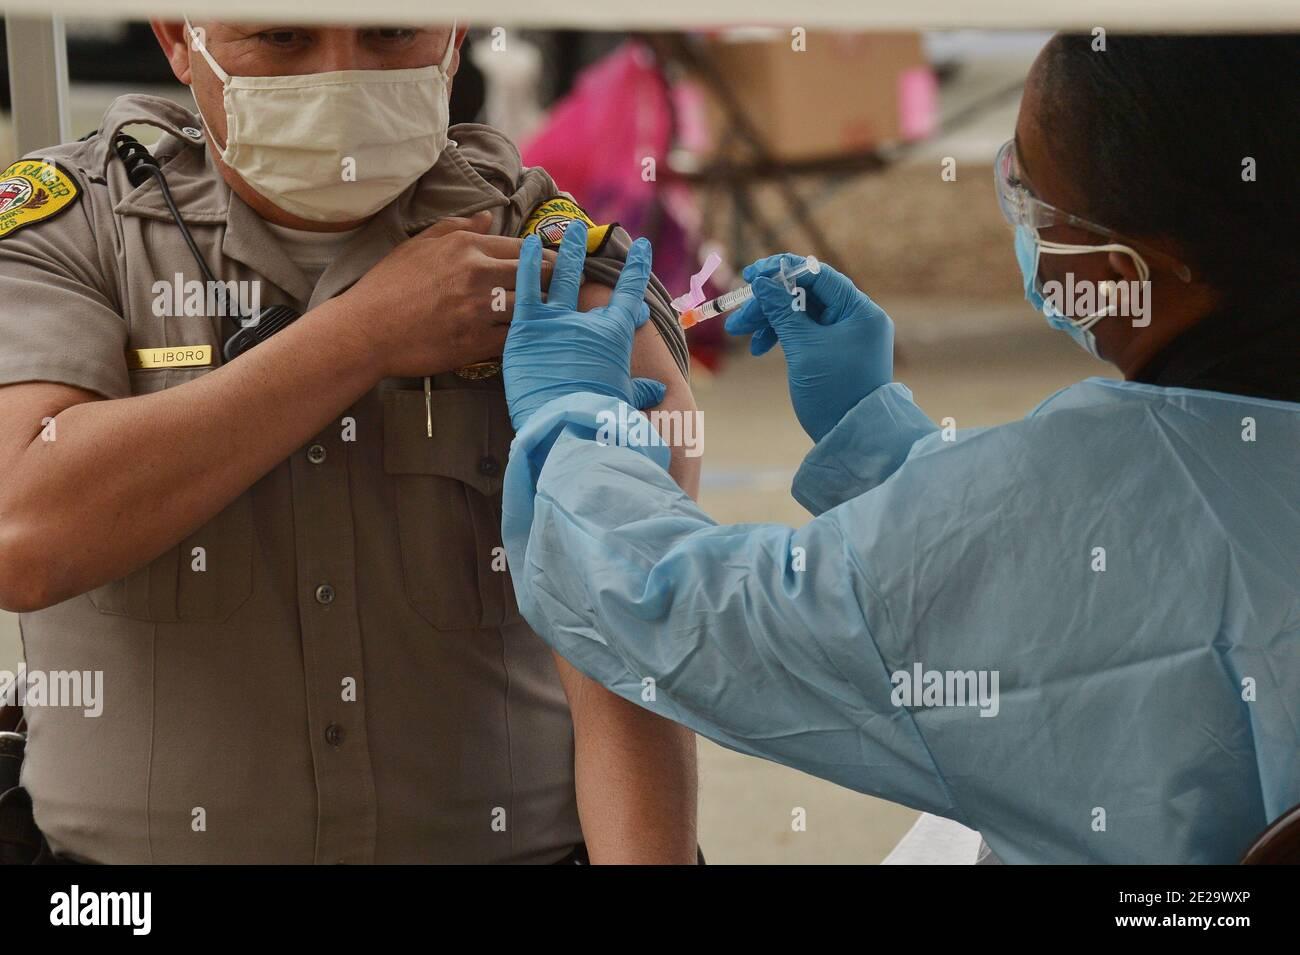 Los Ángeles, California, EE.UU. 13 de enero de 2021. Un guardabosques es inoculado con la vacuna moderna COVID-19 en el sitio de vacunación del Balboa Sports Center en los Ángeles el martes, 12 de enero de 2021. Las personas de 65 años o más y las personas con condiciones de salud graves.subyacentes en los Ángeles y en toda California podrían ser rápidamente elegibles para una vacuna COVID-19, con funcionarios federales que instan a los estados el martes a distribuir más ampliamente las vacunas. Foto de Jim Ruymen/UPI crédito: UPI/Alamy Live News Foto de stock